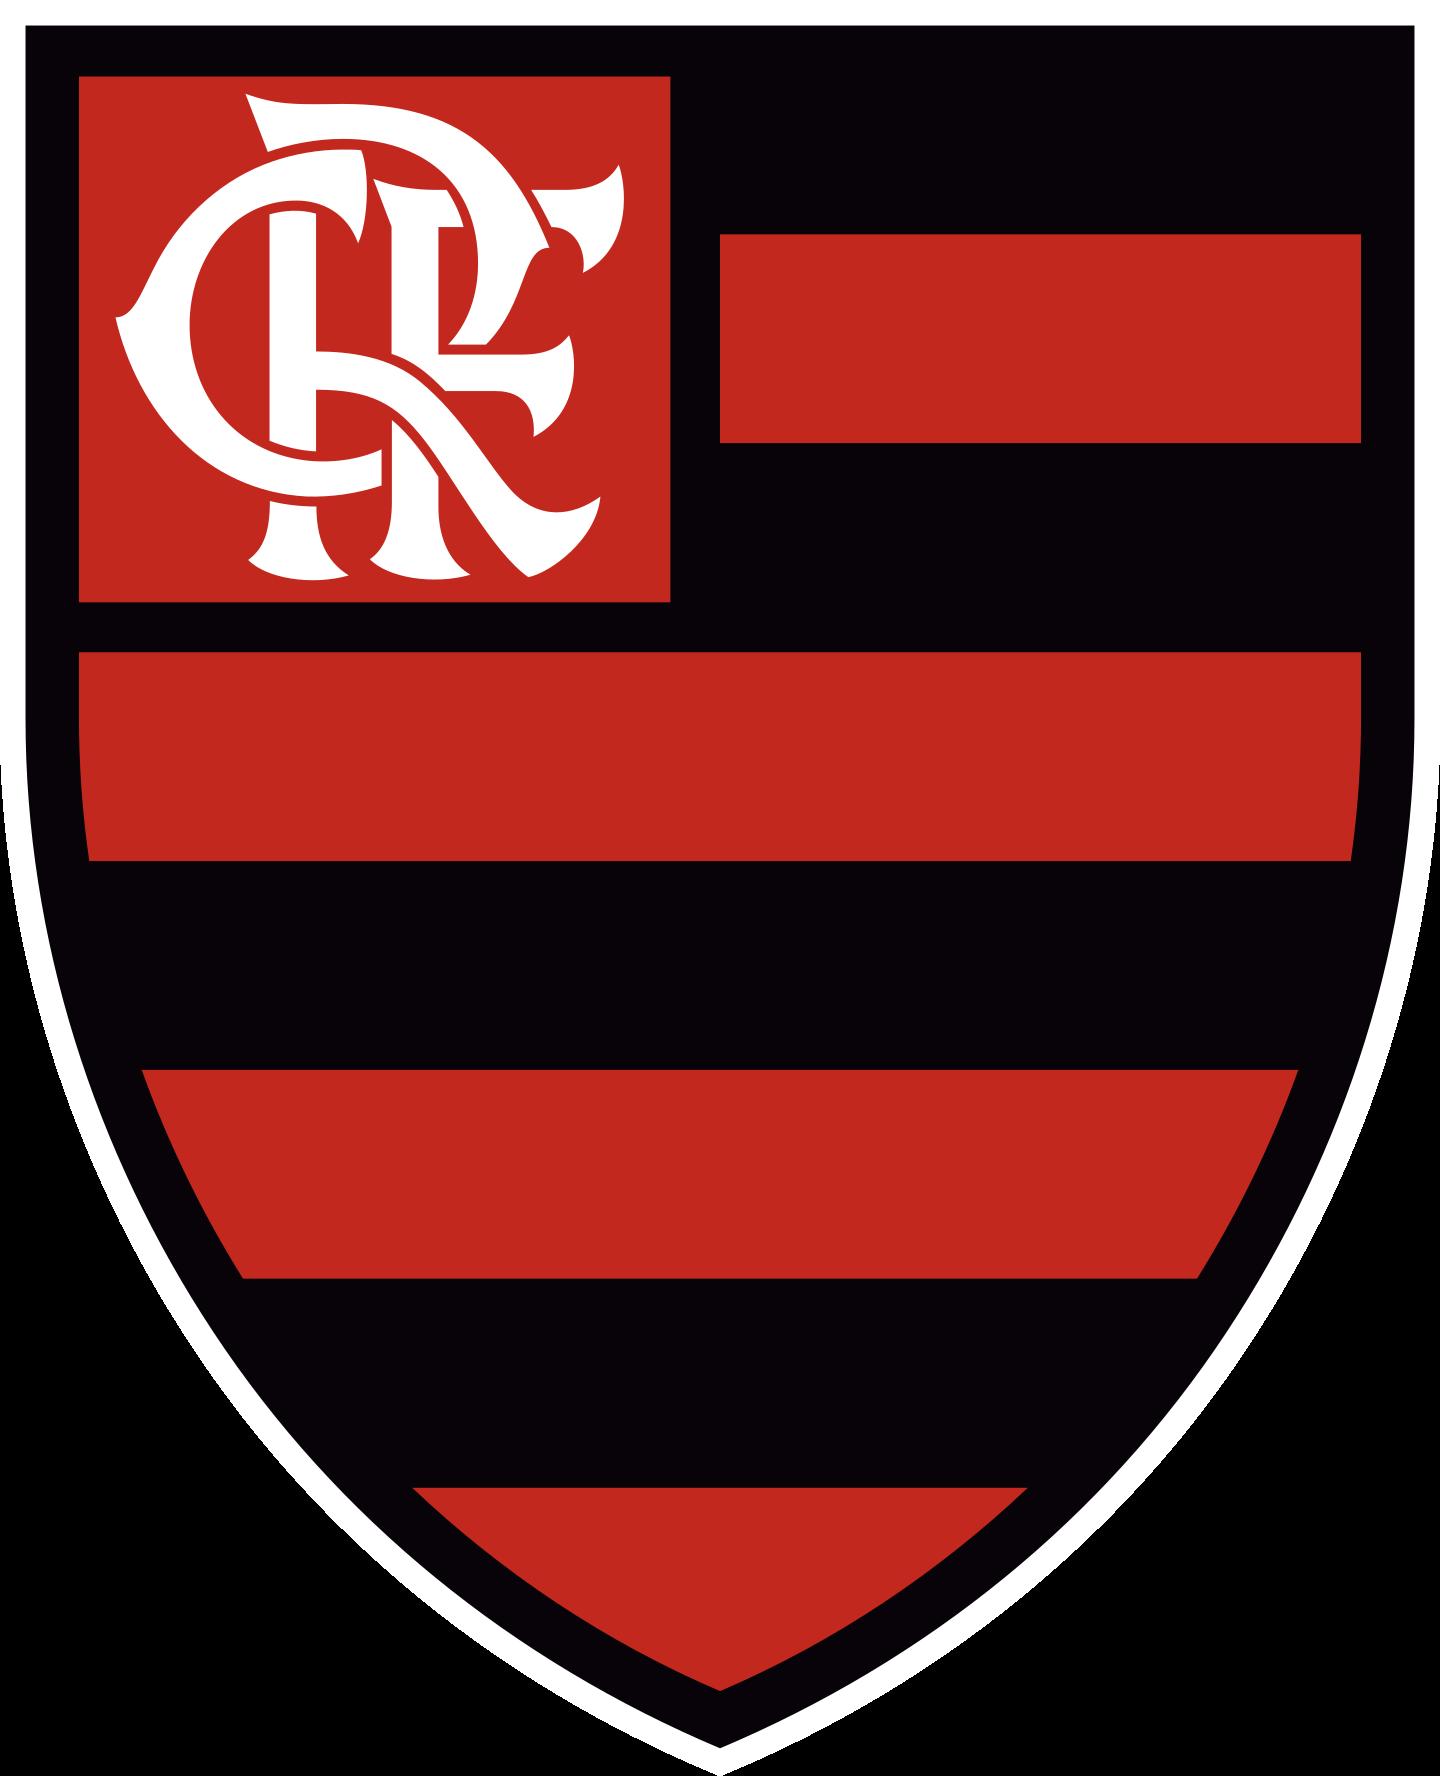 flamengo logo 6 - Flamengo Logo - Escudo